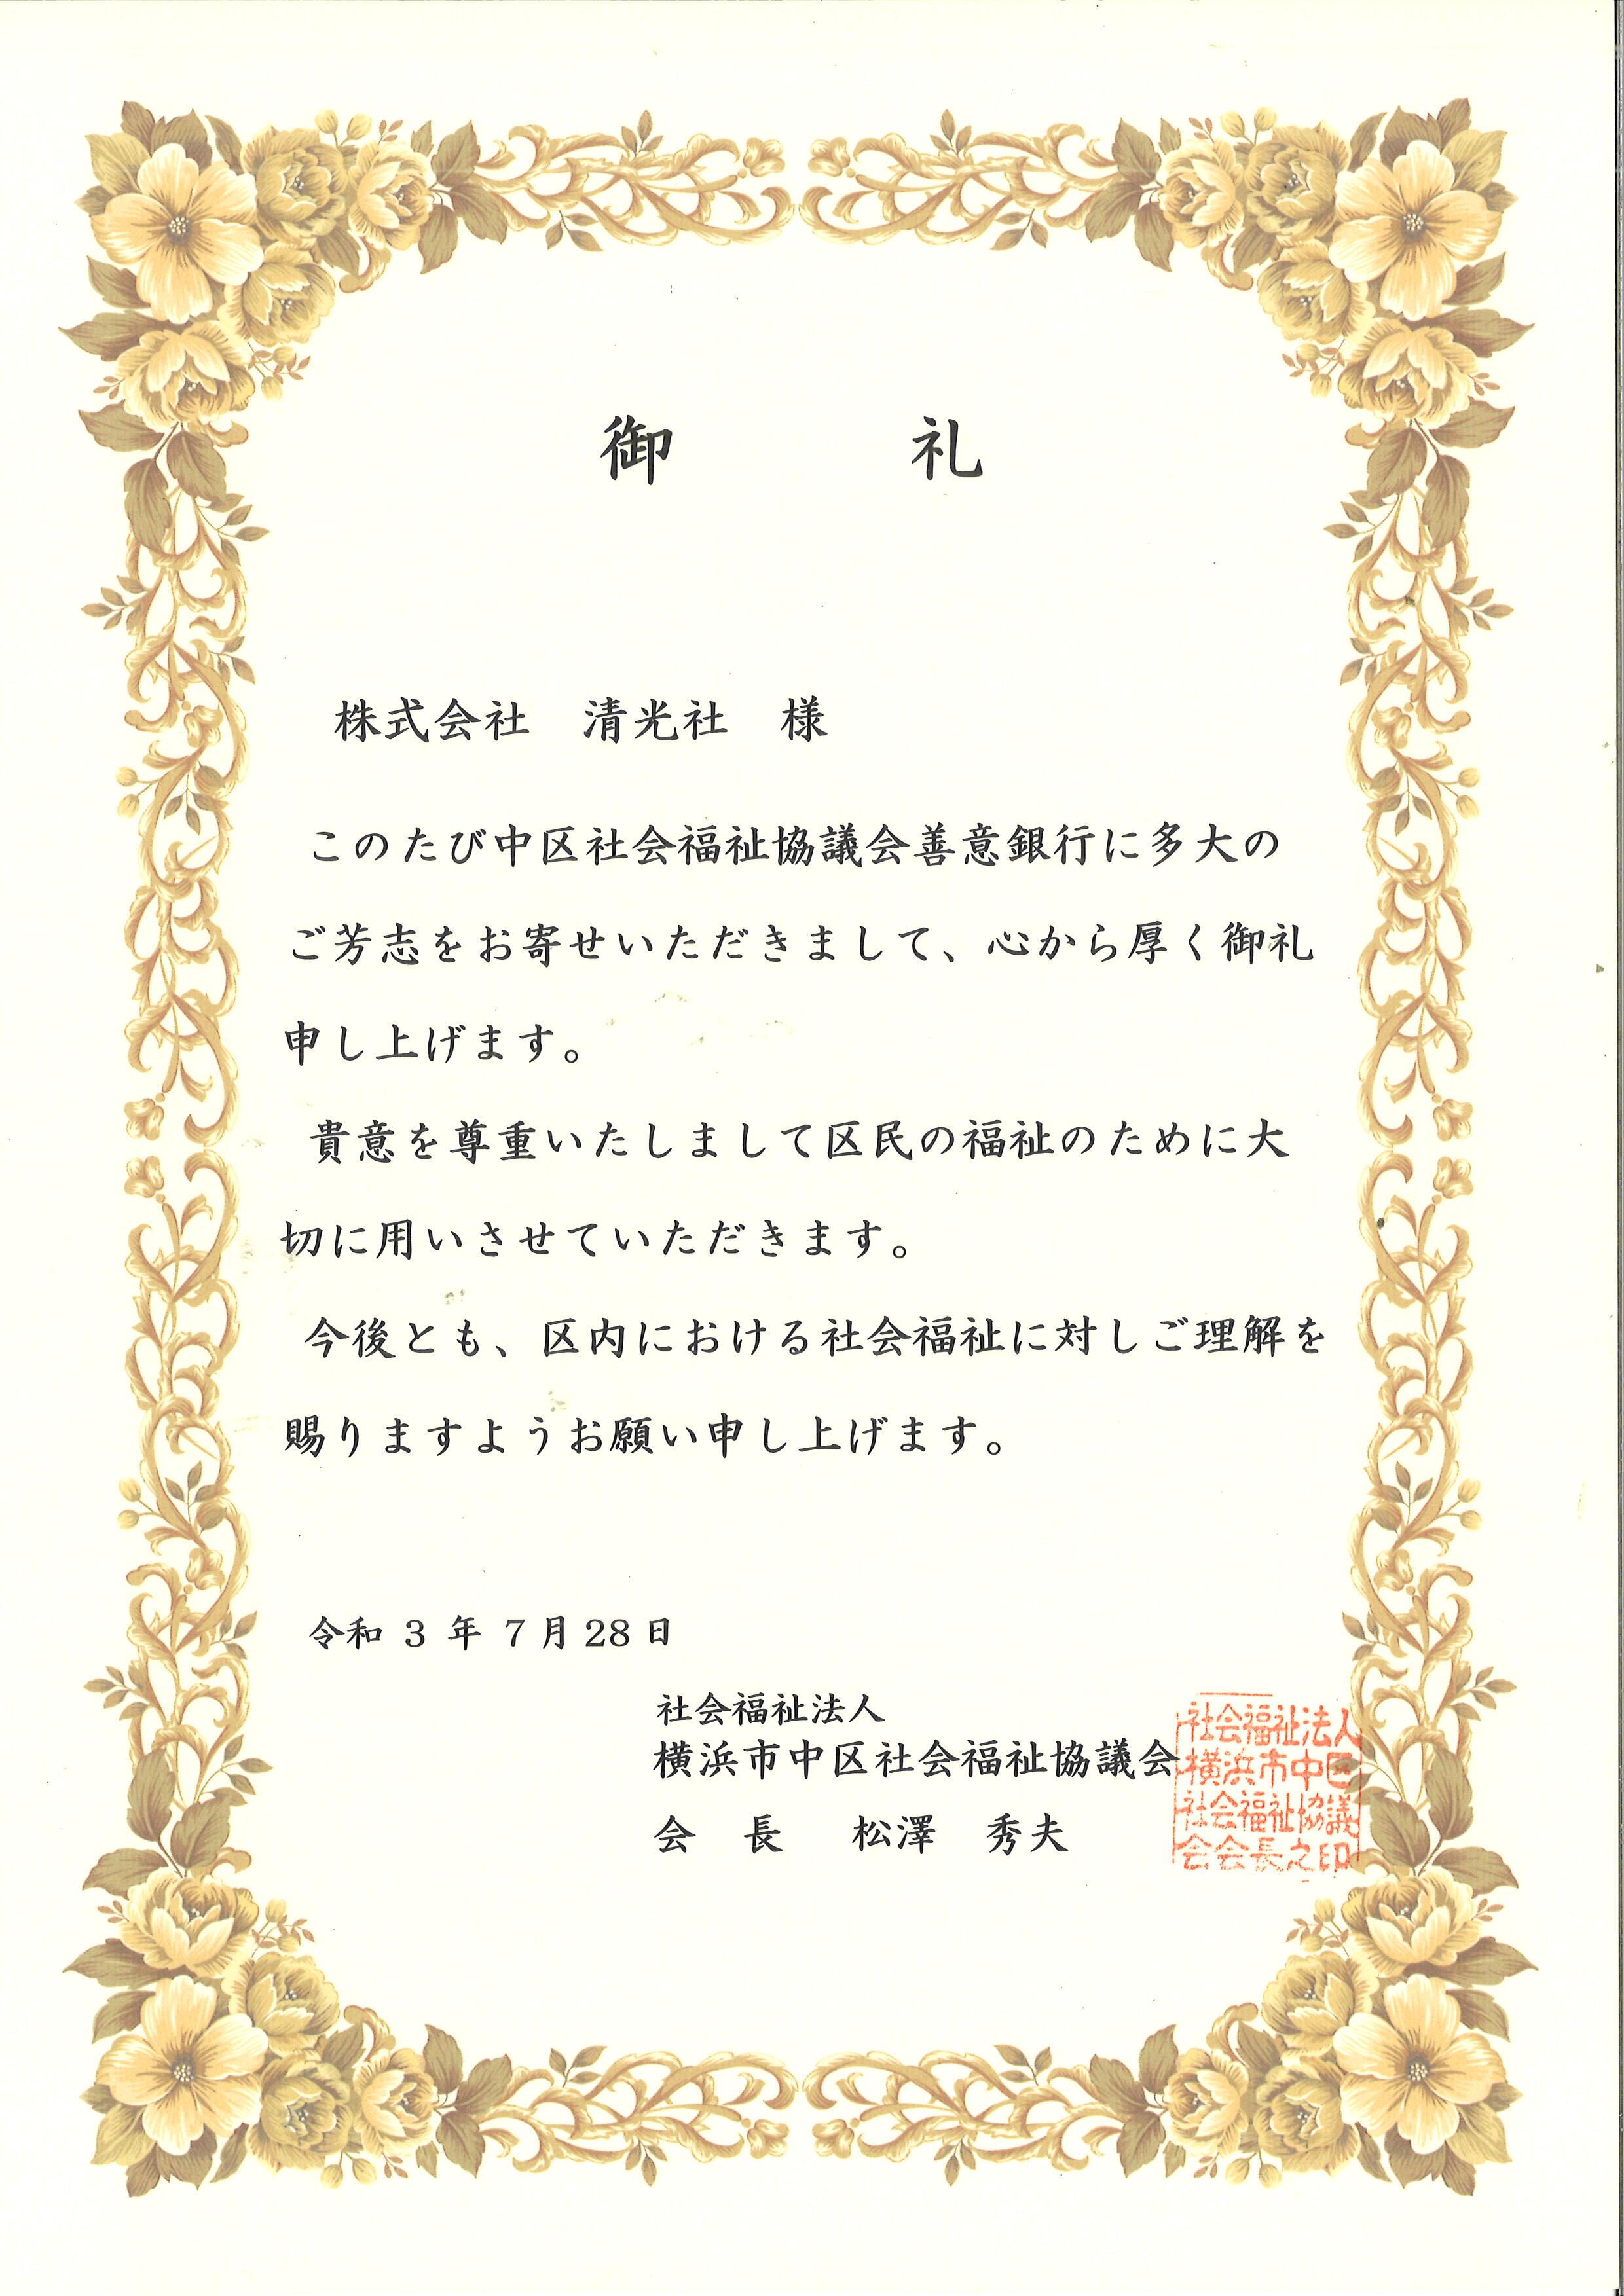 横浜市中区社会福祉協議会よりお礼状をいただきました